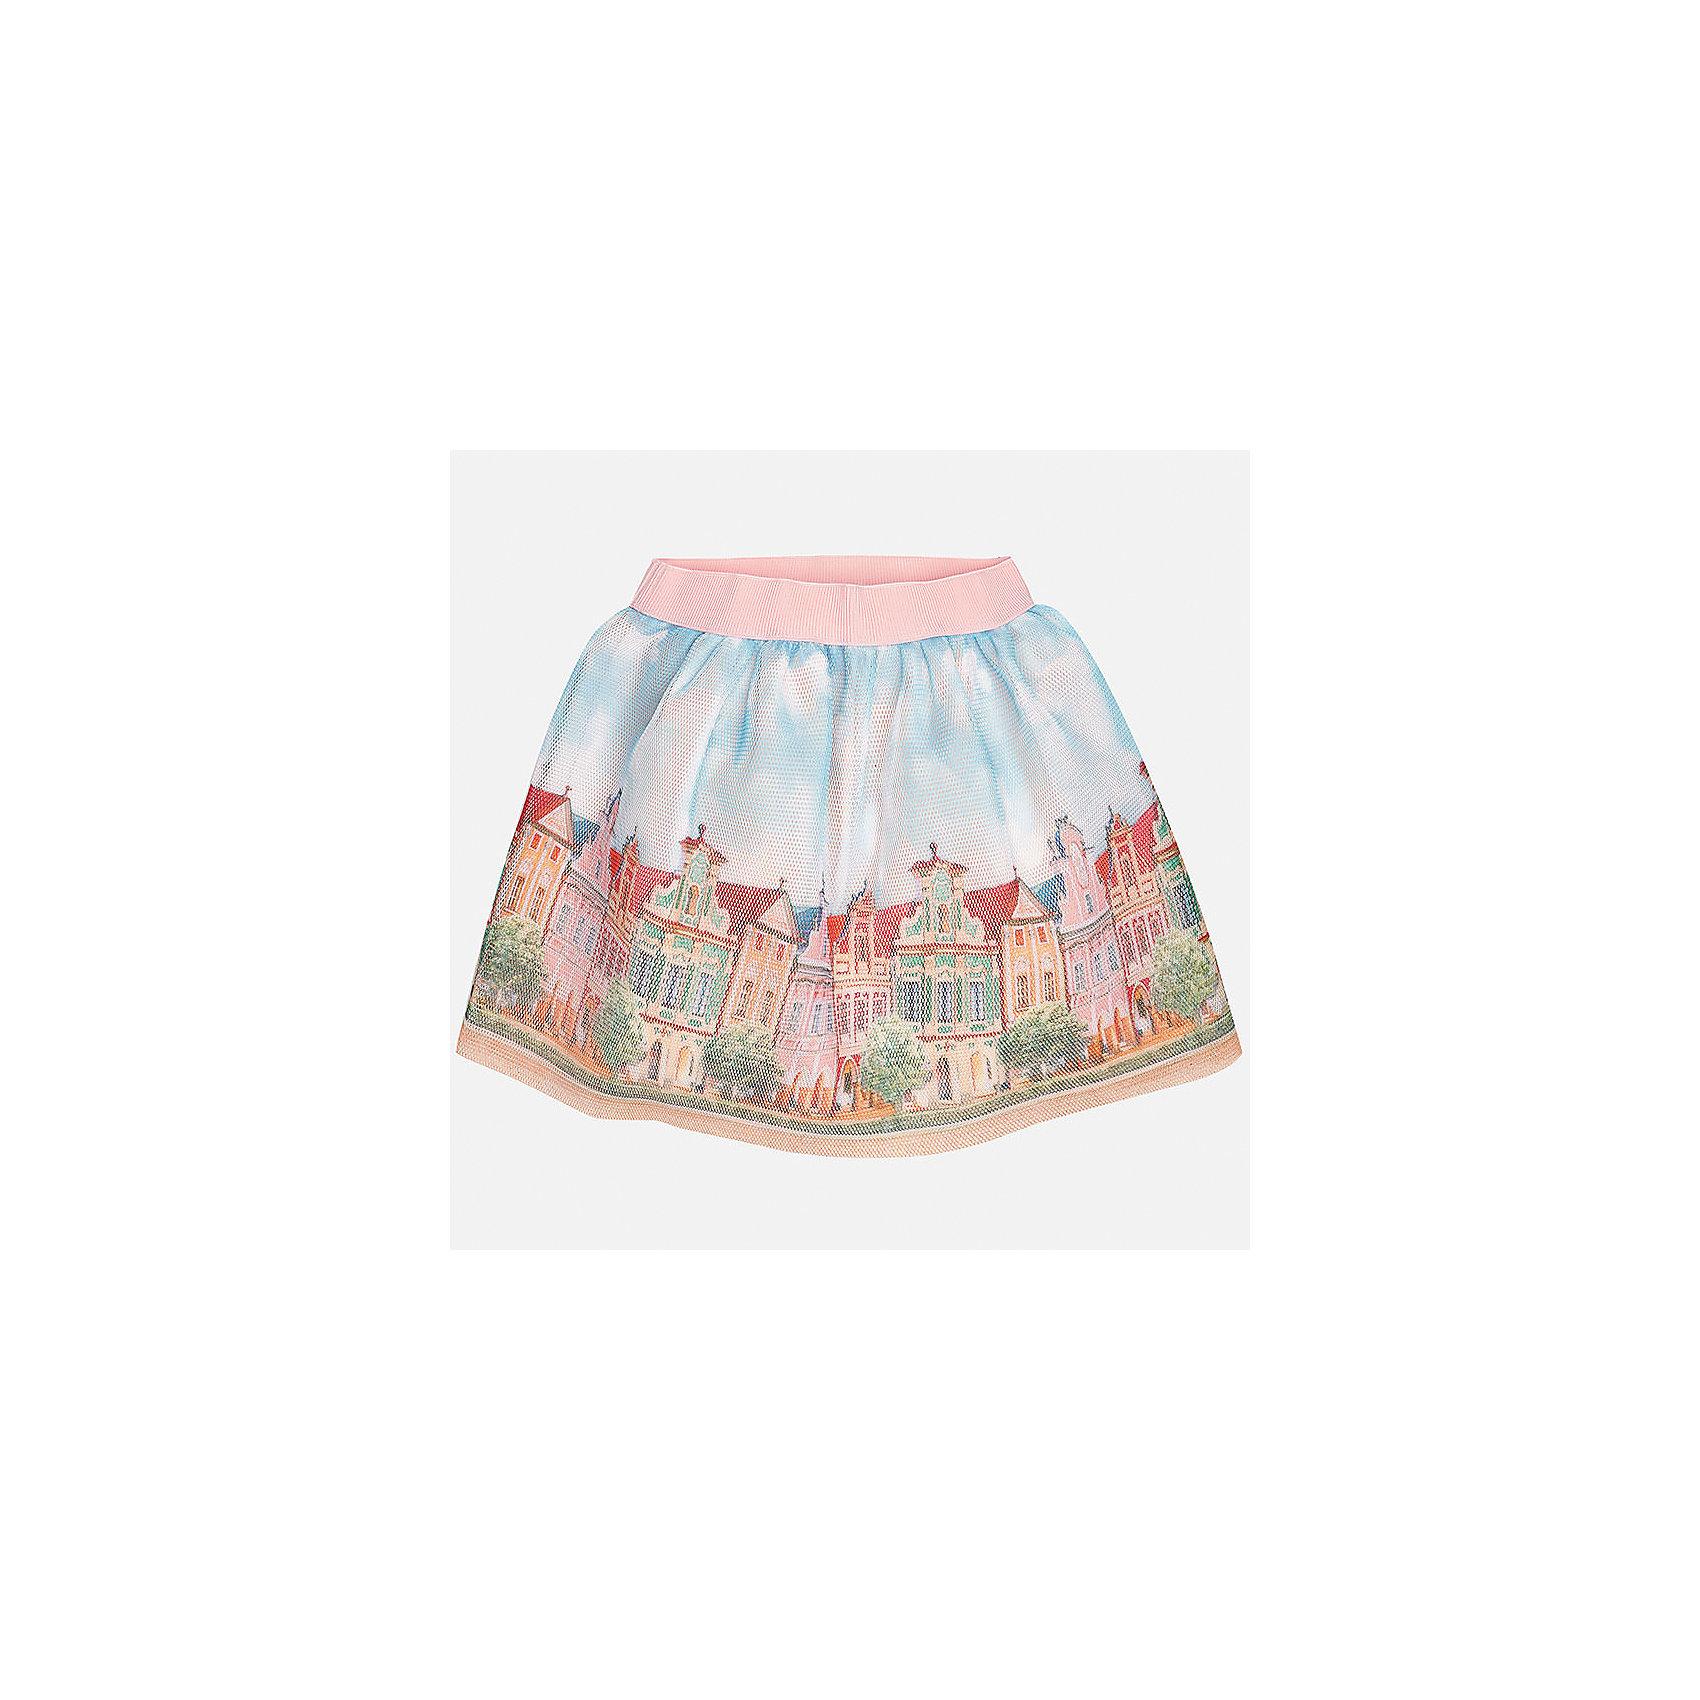 Юбка для девочки MayoralХарактеристики товара:<br><br>• цвет: мультиколор<br>• состав: 100% полиэстер, подкладка - 80% полиэстер, 20% хлопок<br>• пояс на резинке<br>• легкий материал<br>• с подкладкой<br>• декорирована принтом<br>• страна бренда: Испания<br><br>Легкая юбка для девочки поможет разнообразить гардероб ребенка и создать эффектный наряд. Она отлично сочетаются с майками, футболками, блузками. Красивый оттенок позволяет подобрать к вещи верх разных расцветок. В составе материала подкладки - натуральный хлопок, гипоаллергенный, приятный на ощупь, дышащий. Юбка отлично сидит и не стесняет движения.<br><br>Одежда, обувь и аксессуары от испанского бренда Mayoral полюбились детям и взрослым по всему миру. Модели этой марки - стильные и удобные. Для их производства используются только безопасные, качественные материалы и фурнитура. Порадуйте ребенка модными и красивыми вещами от Mayoral! <br><br>Юбку для девочки от испанского бренда Mayoral (Майорал) можно купить в нашем интернет-магазине.<br><br>Ширина мм: 207<br>Глубина мм: 10<br>Высота мм: 189<br>Вес г: 183<br>Цвет: оранжевый<br>Возраст от месяцев: 168<br>Возраст до месяцев: 180<br>Пол: Женский<br>Возраст: Детский<br>Размер: 170,128/134,140,152,158,164<br>SKU: 5293166